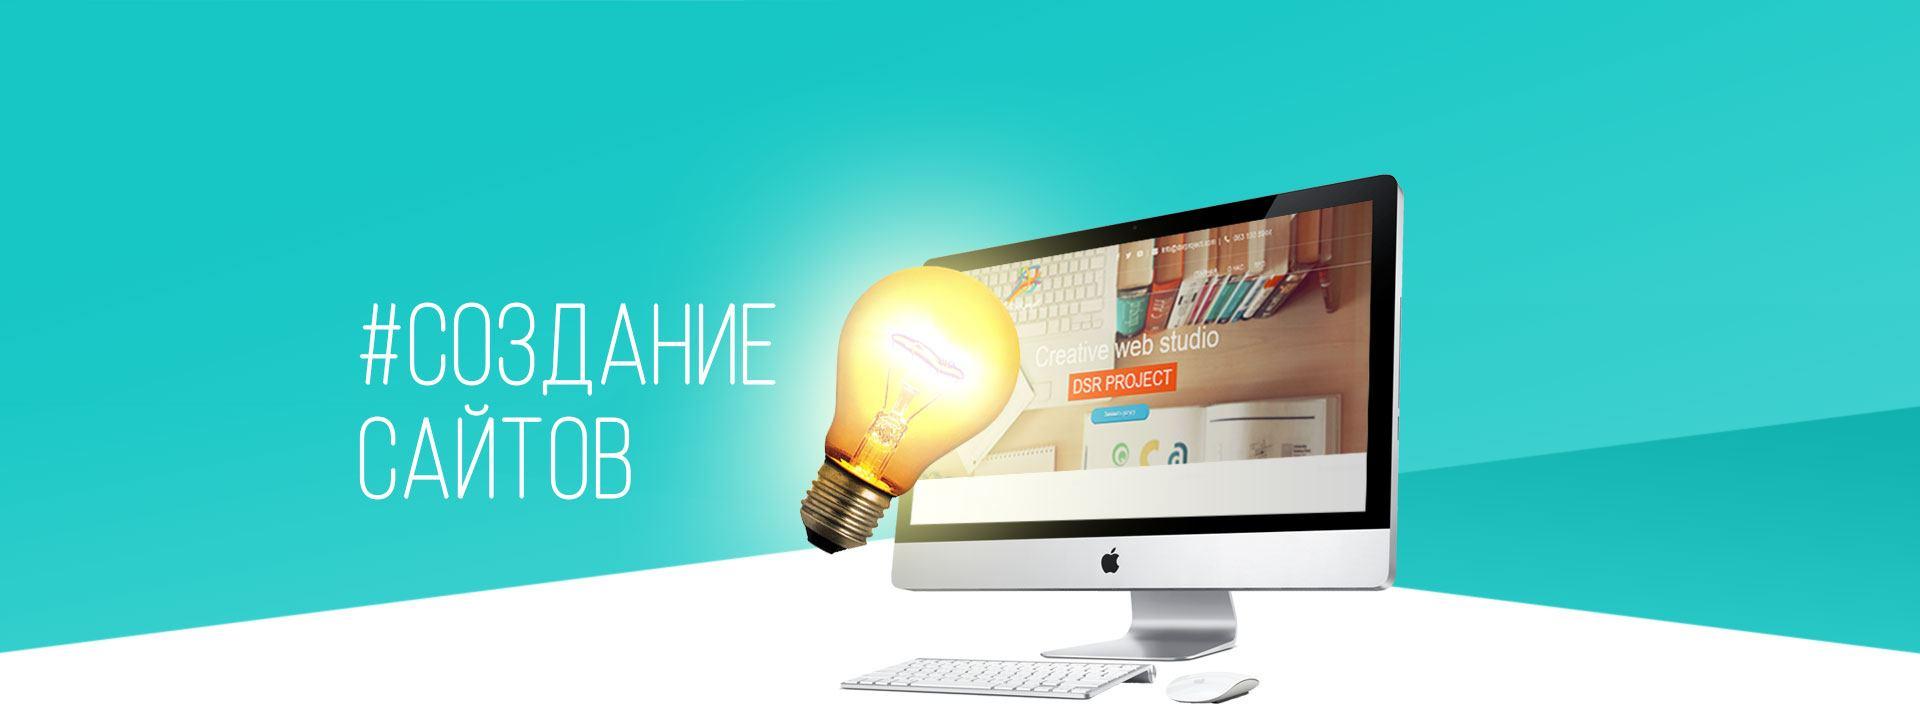 Создание интернет-сайтов в москве openvpn сервер на маршрутизаторе dir-320